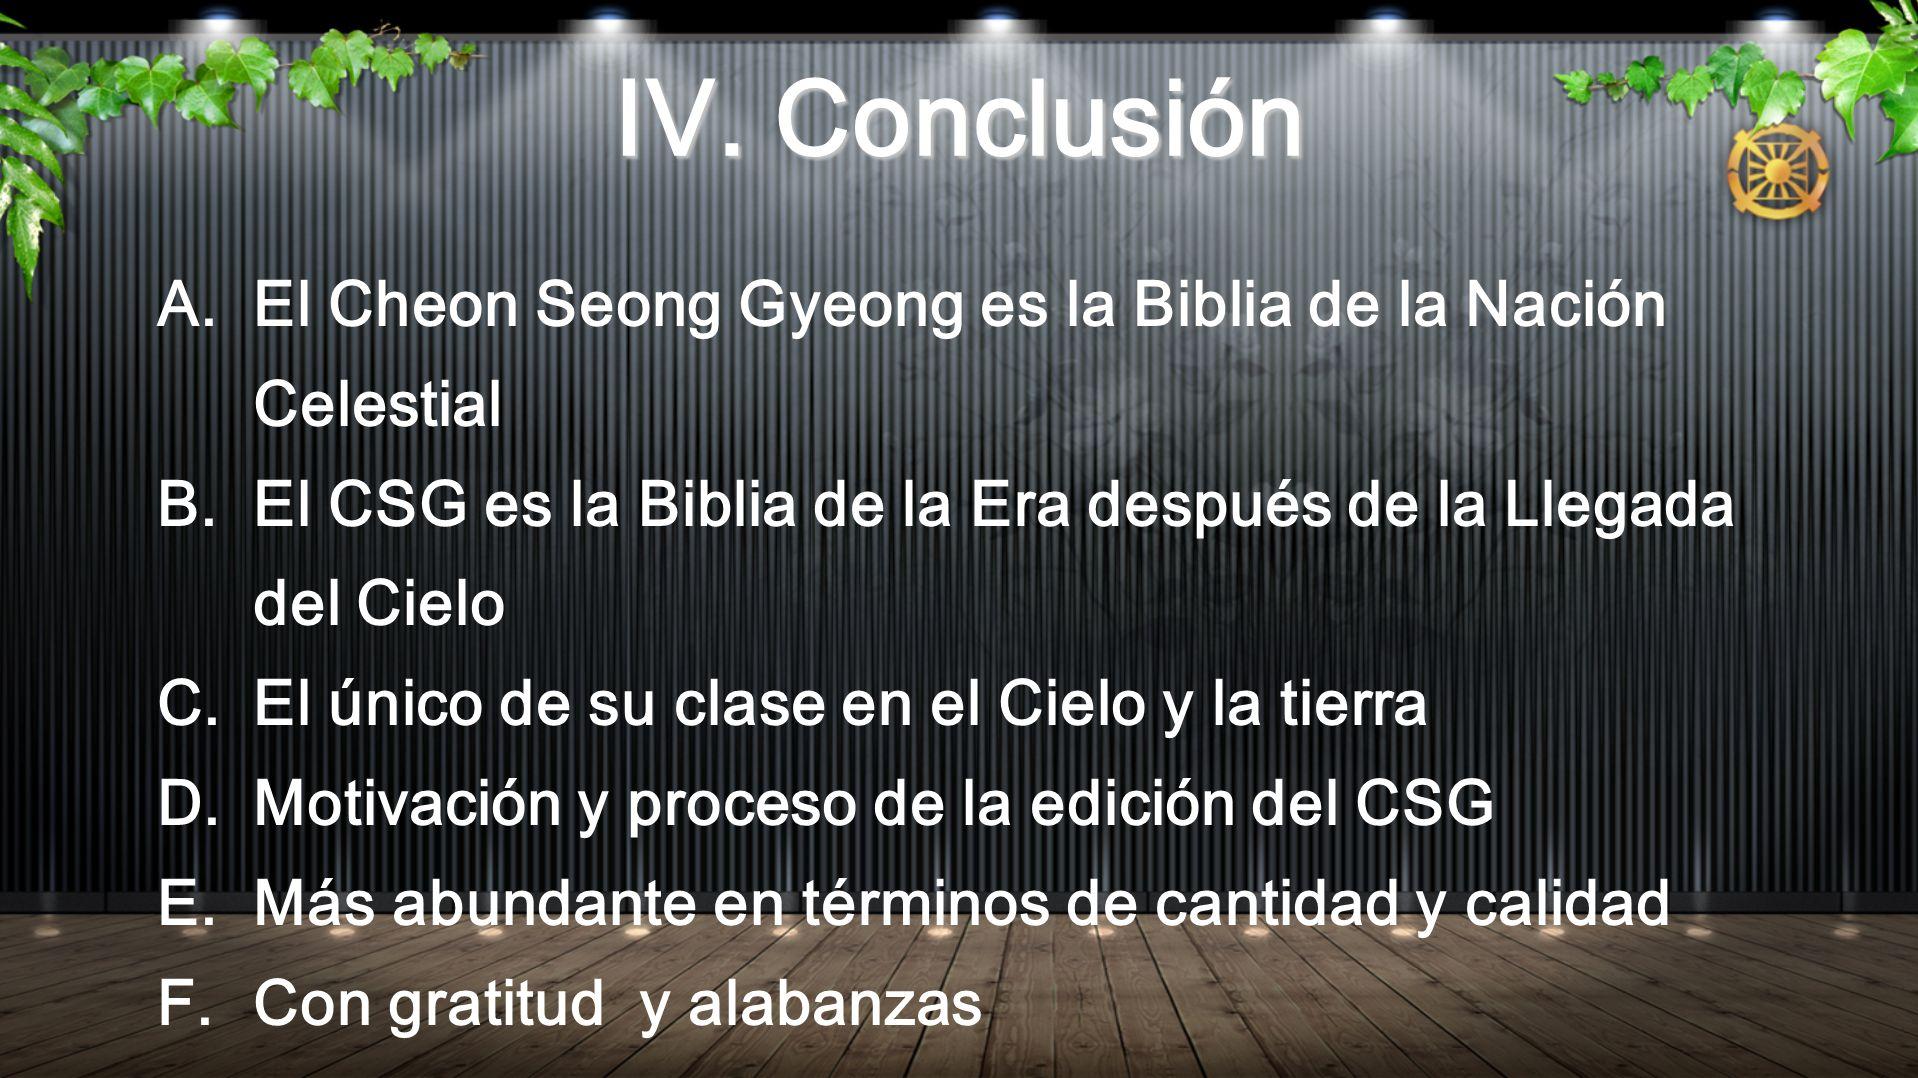 IV. Conclusión A.El Cheon Seong Gyeong es la Biblia de la Nación Celestial B.El CSG es la Biblia de la Era después de la Llegada del Cielo C.El único